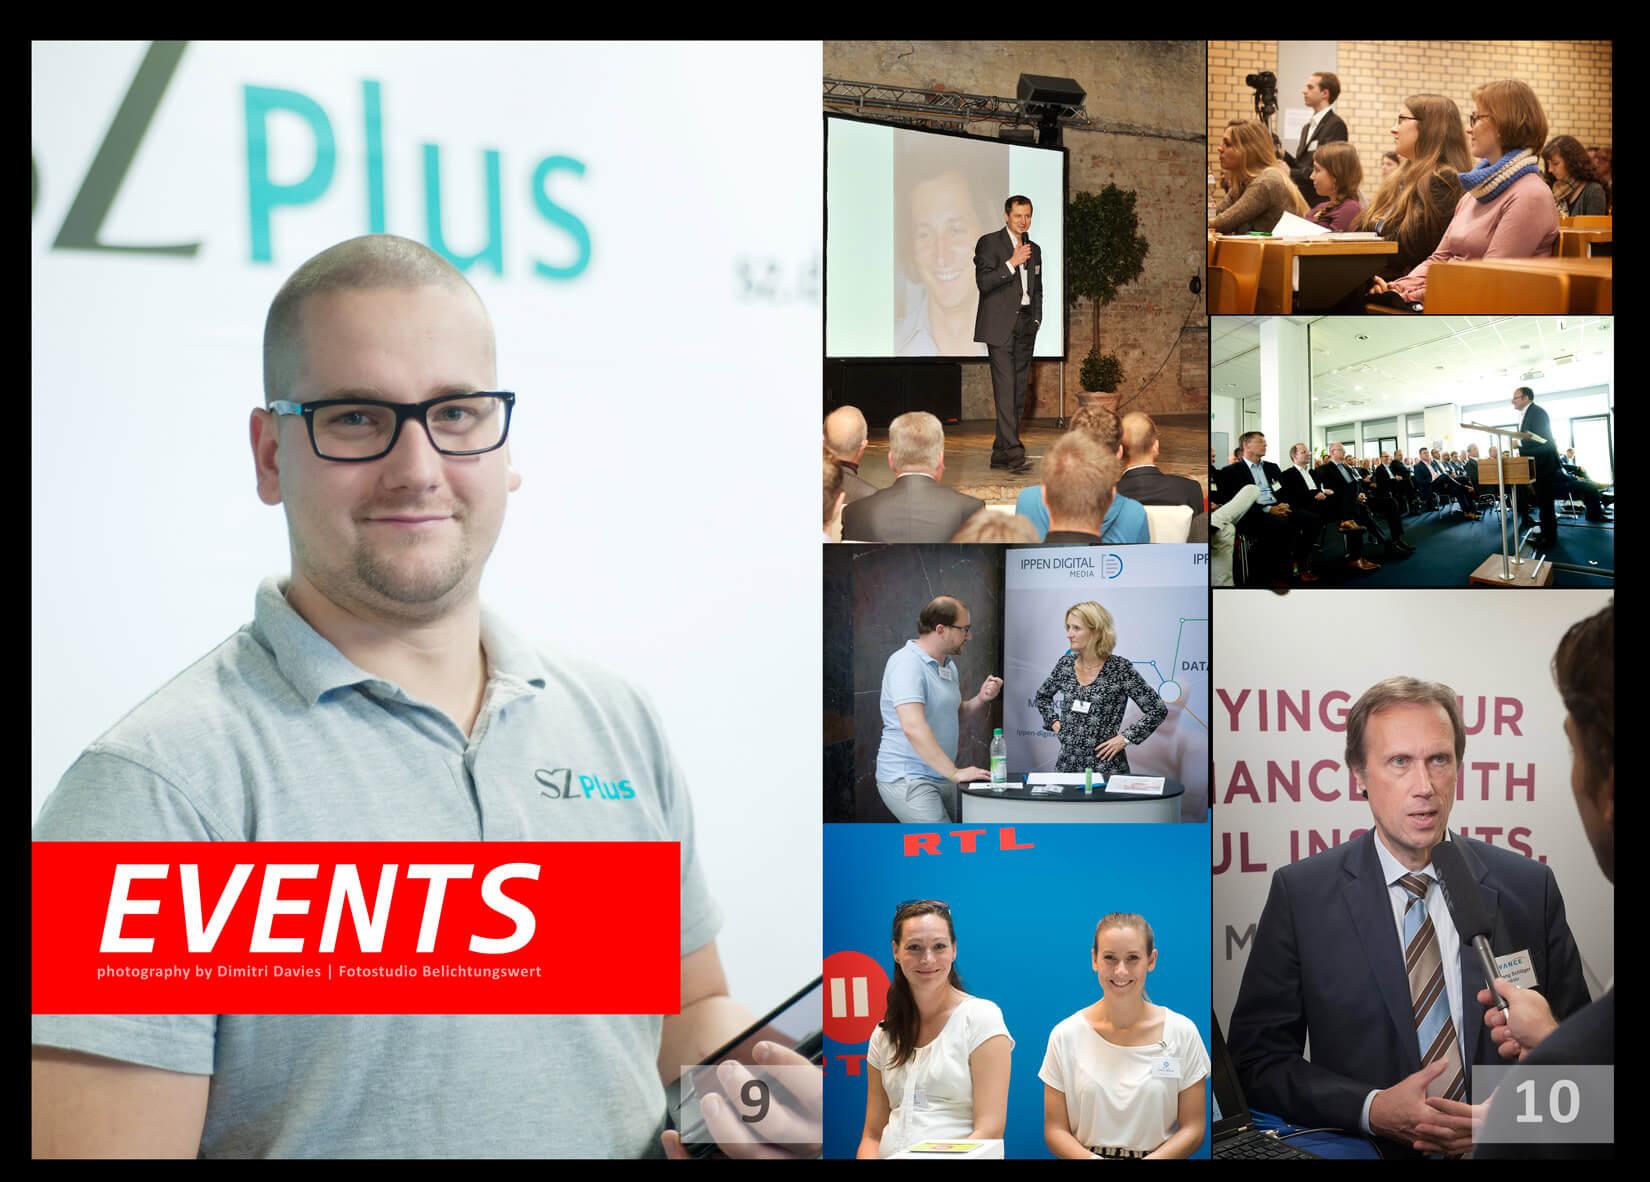 Eventfotografie München SZ Werbung, Kollage mit unterschiedlichen Events